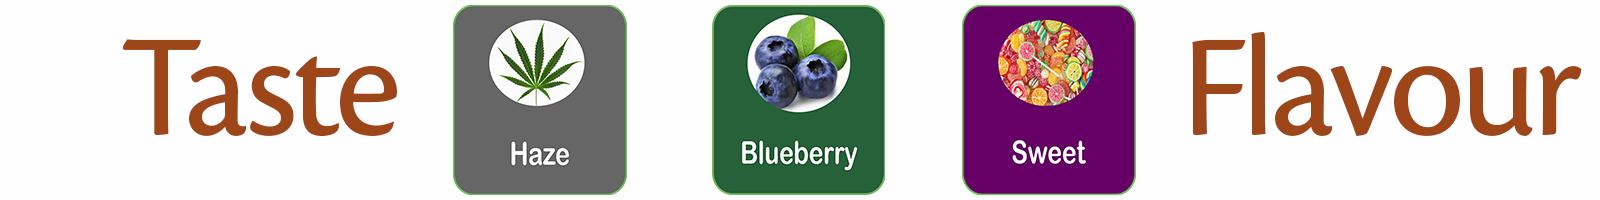 Jackberry smaak en geur beleving van blueberry en haze in een indica